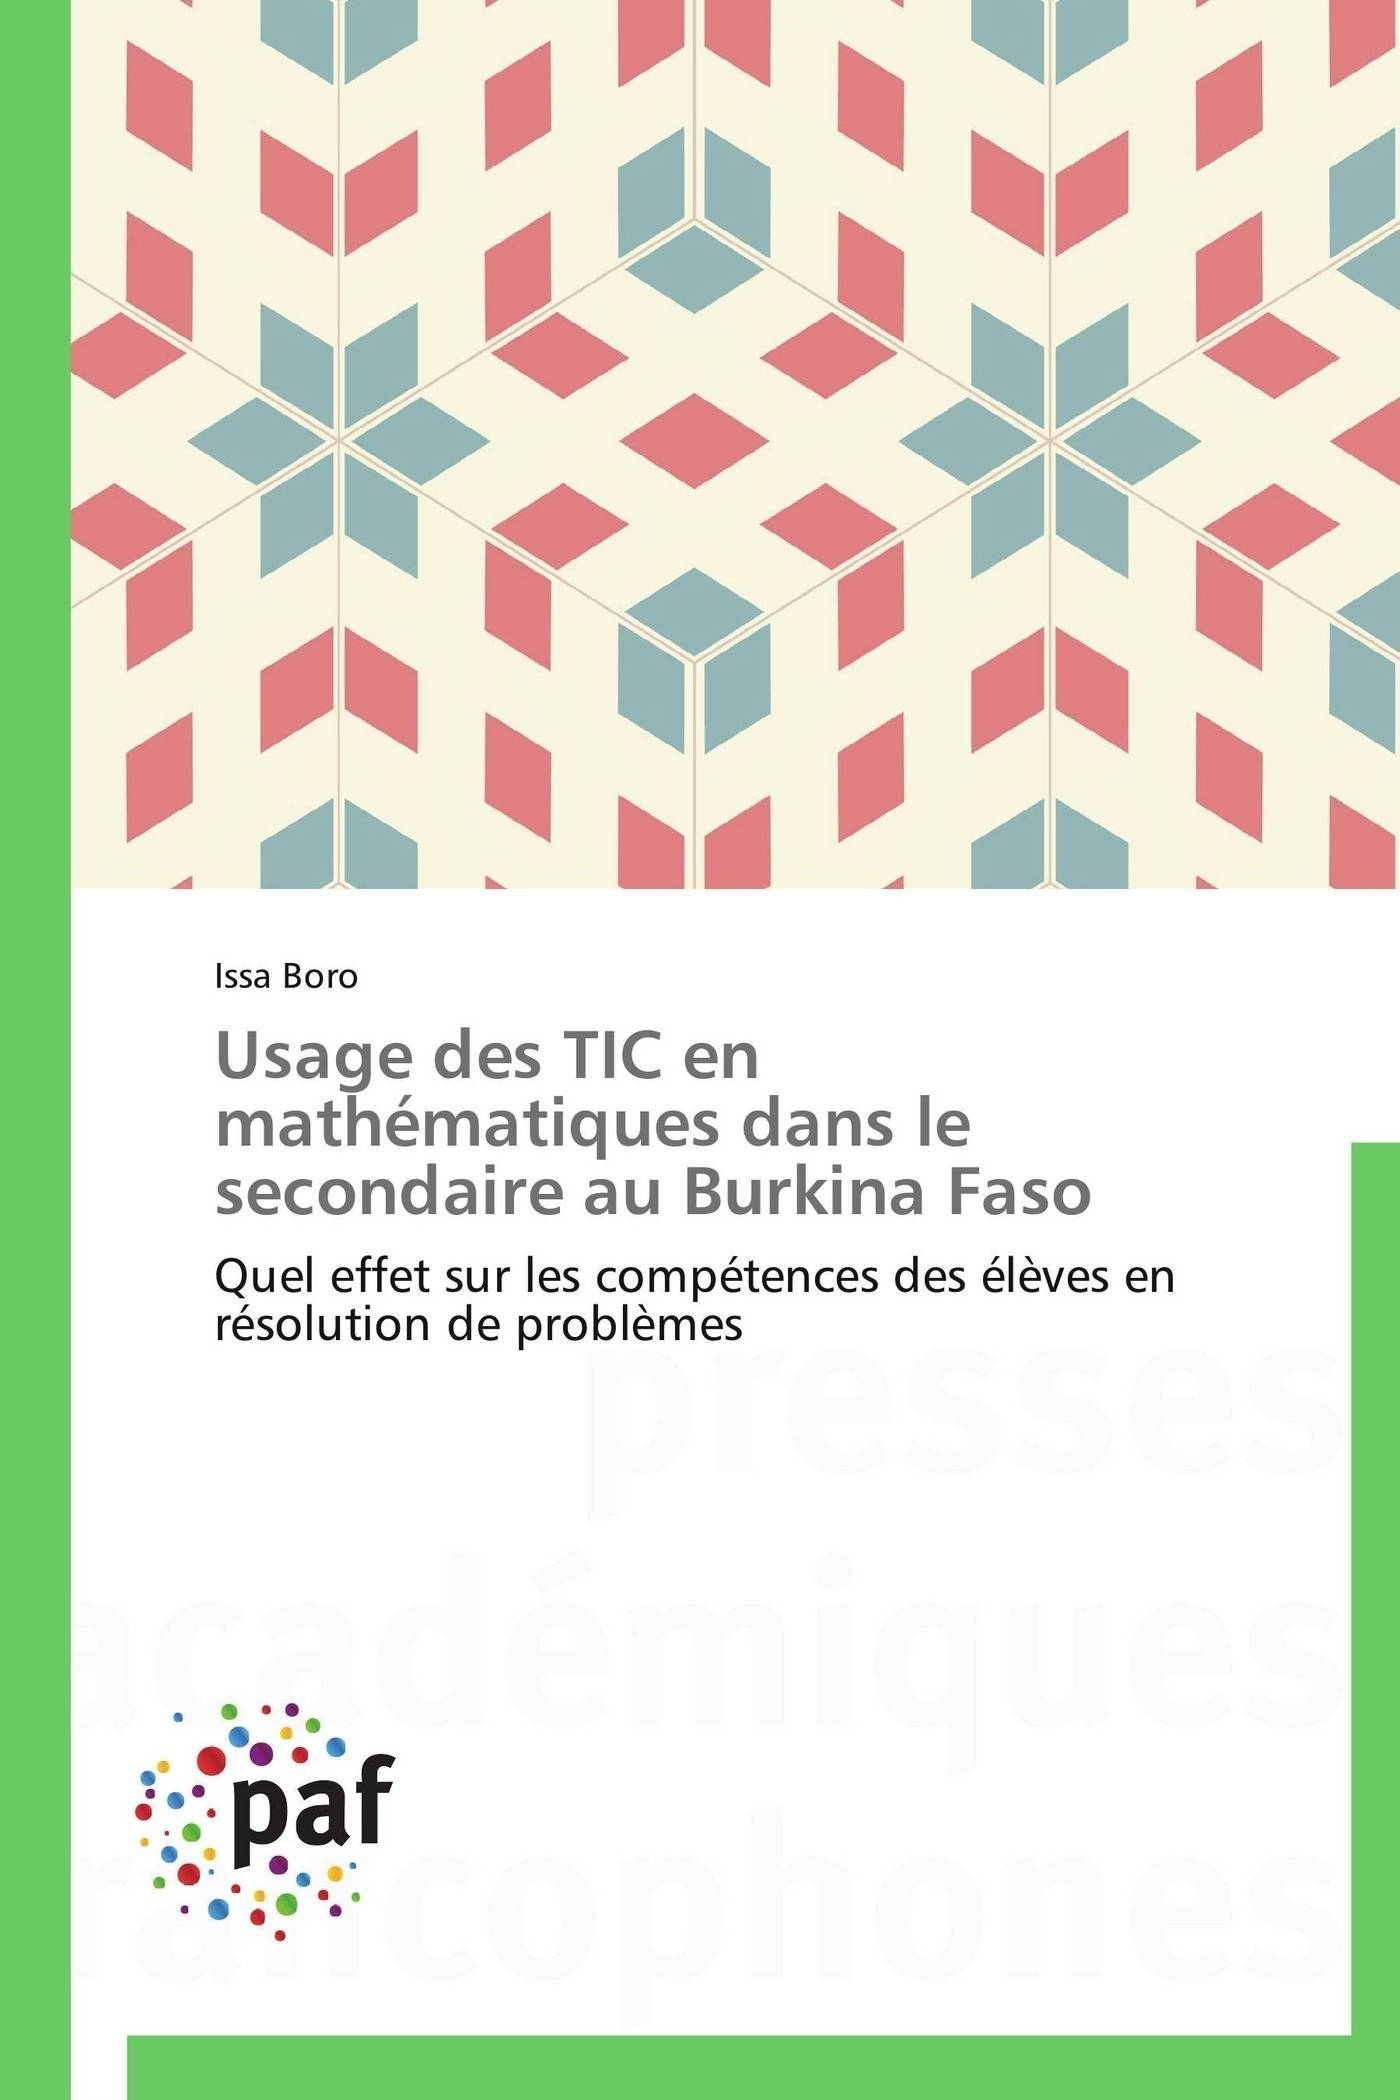 USAGE DES TIC EN MATHEMATIQUES DANS LE SECONDAIRE AU BURKINA FASO